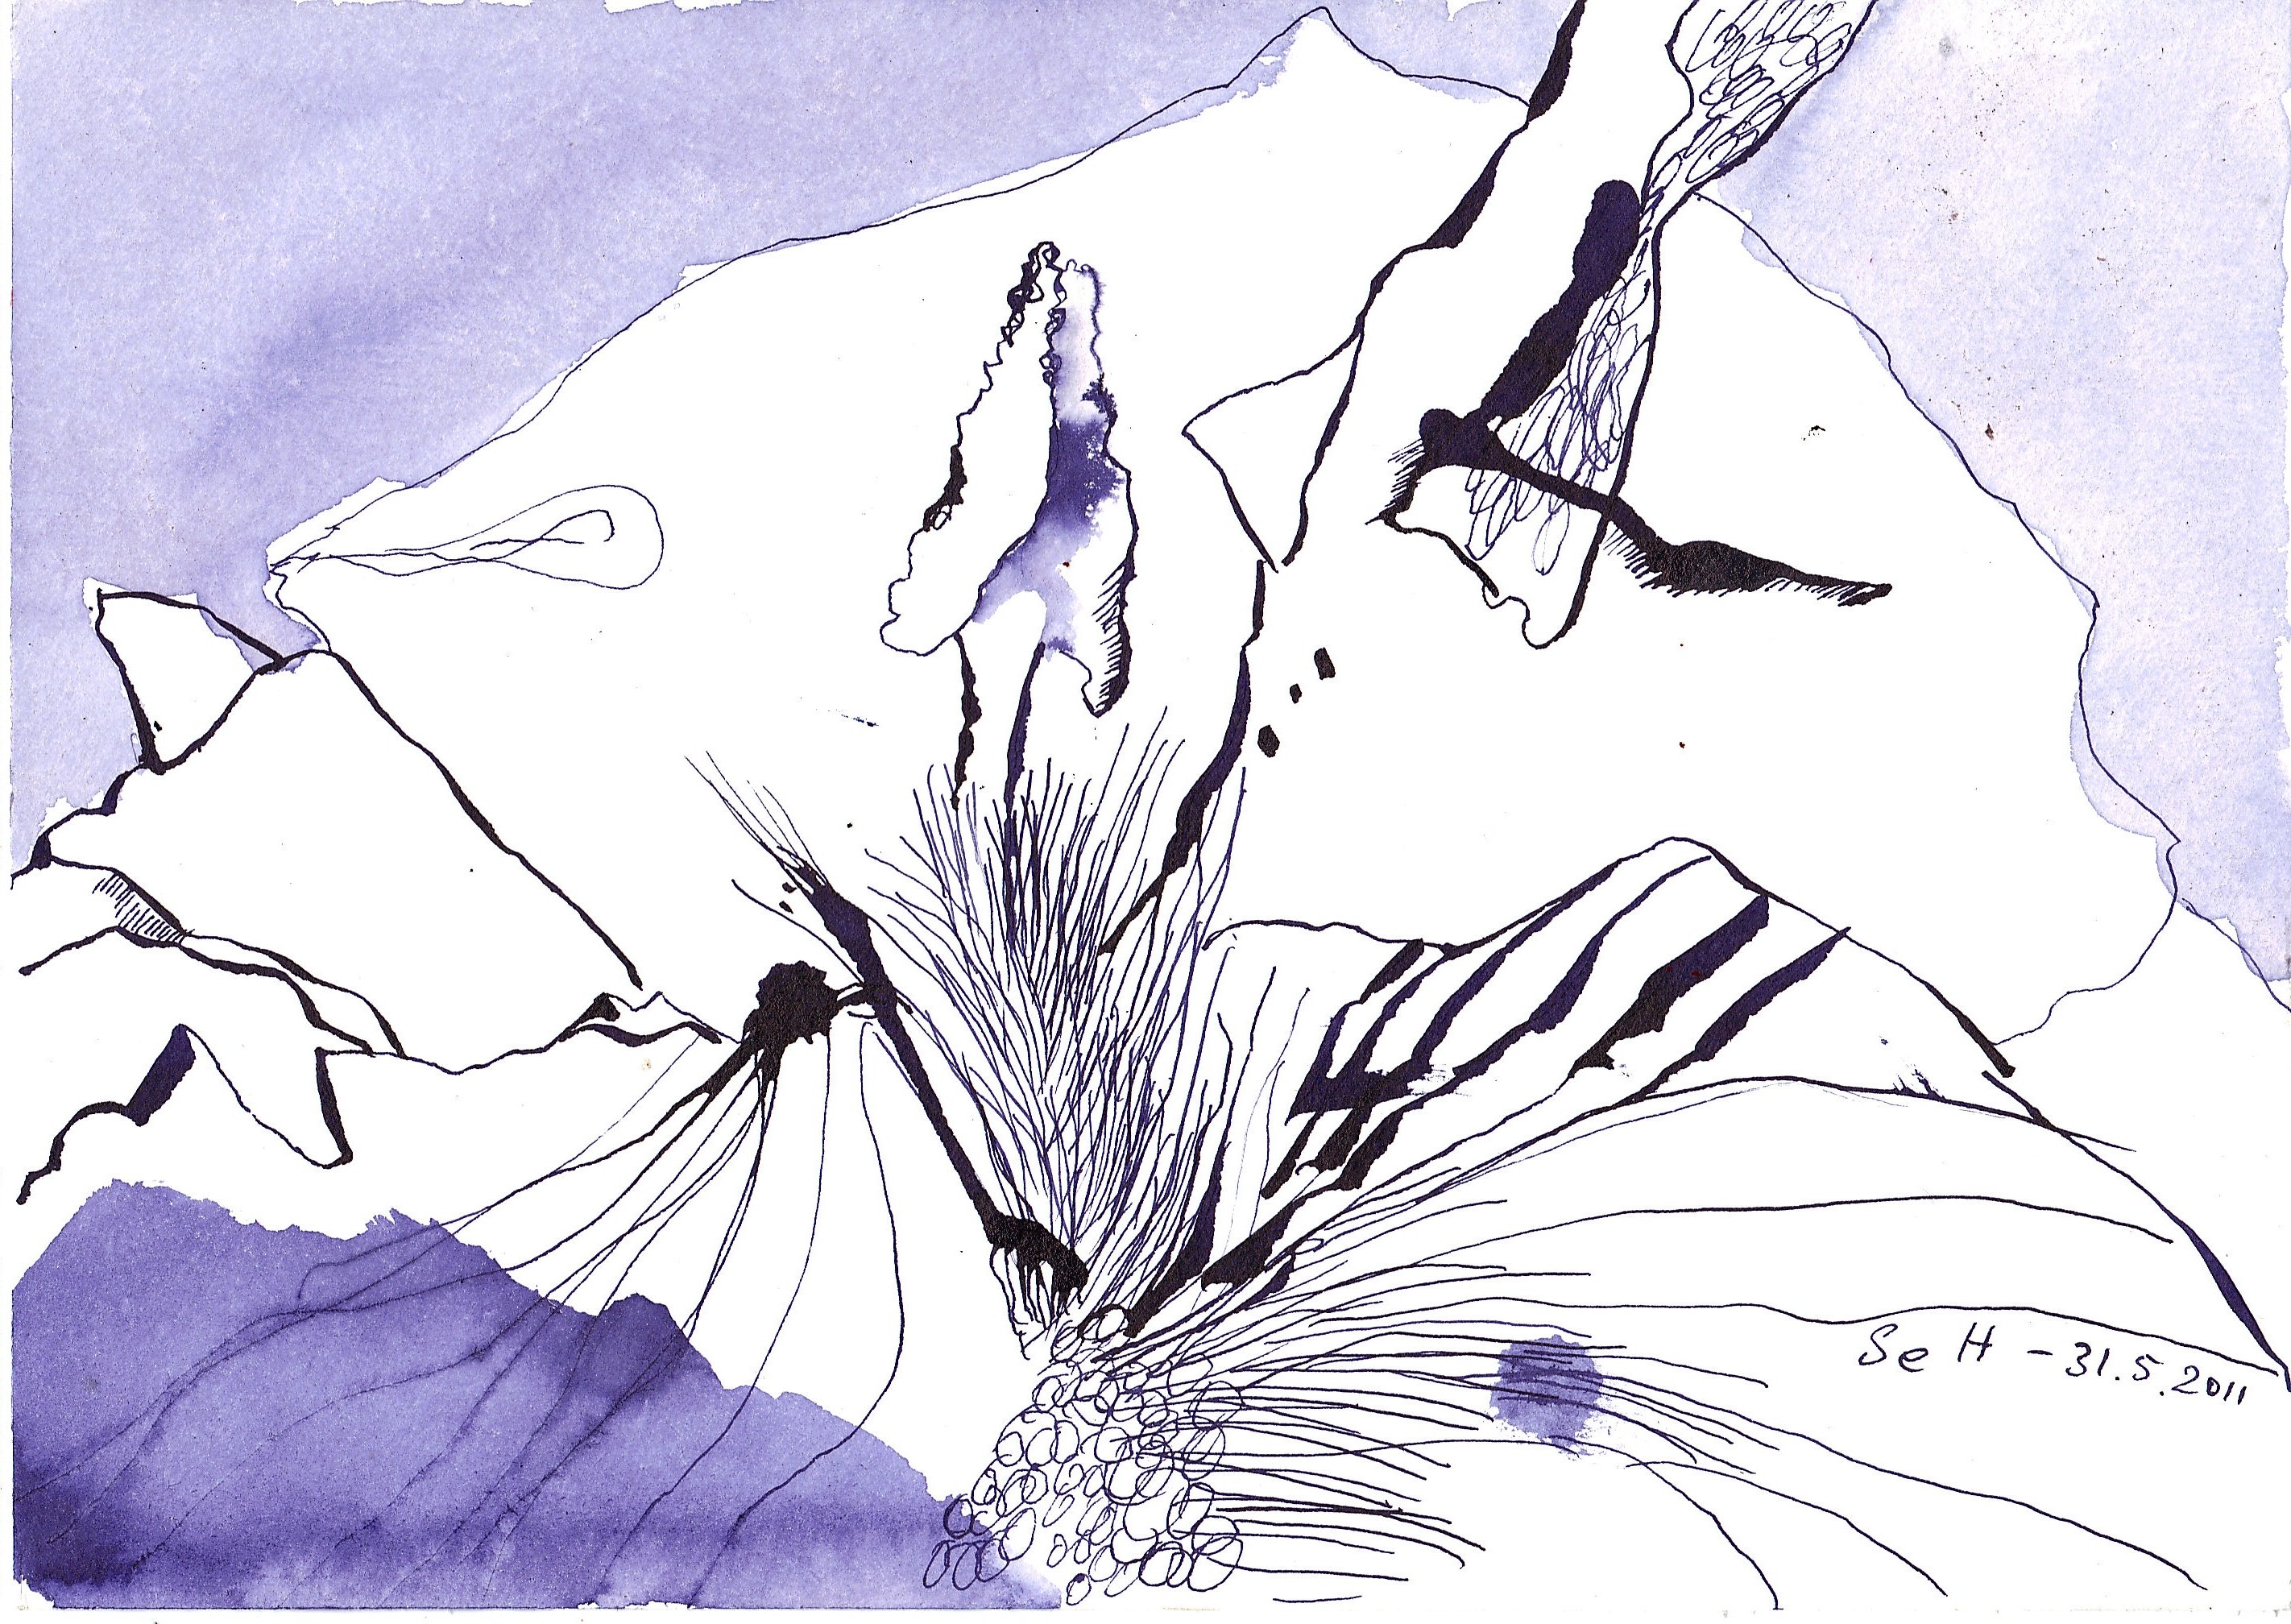 Schwertlilie II - Zeichnung von Susanne Haun - 17 x 24 cm - Hahnemühle Burgund 250 g/m²